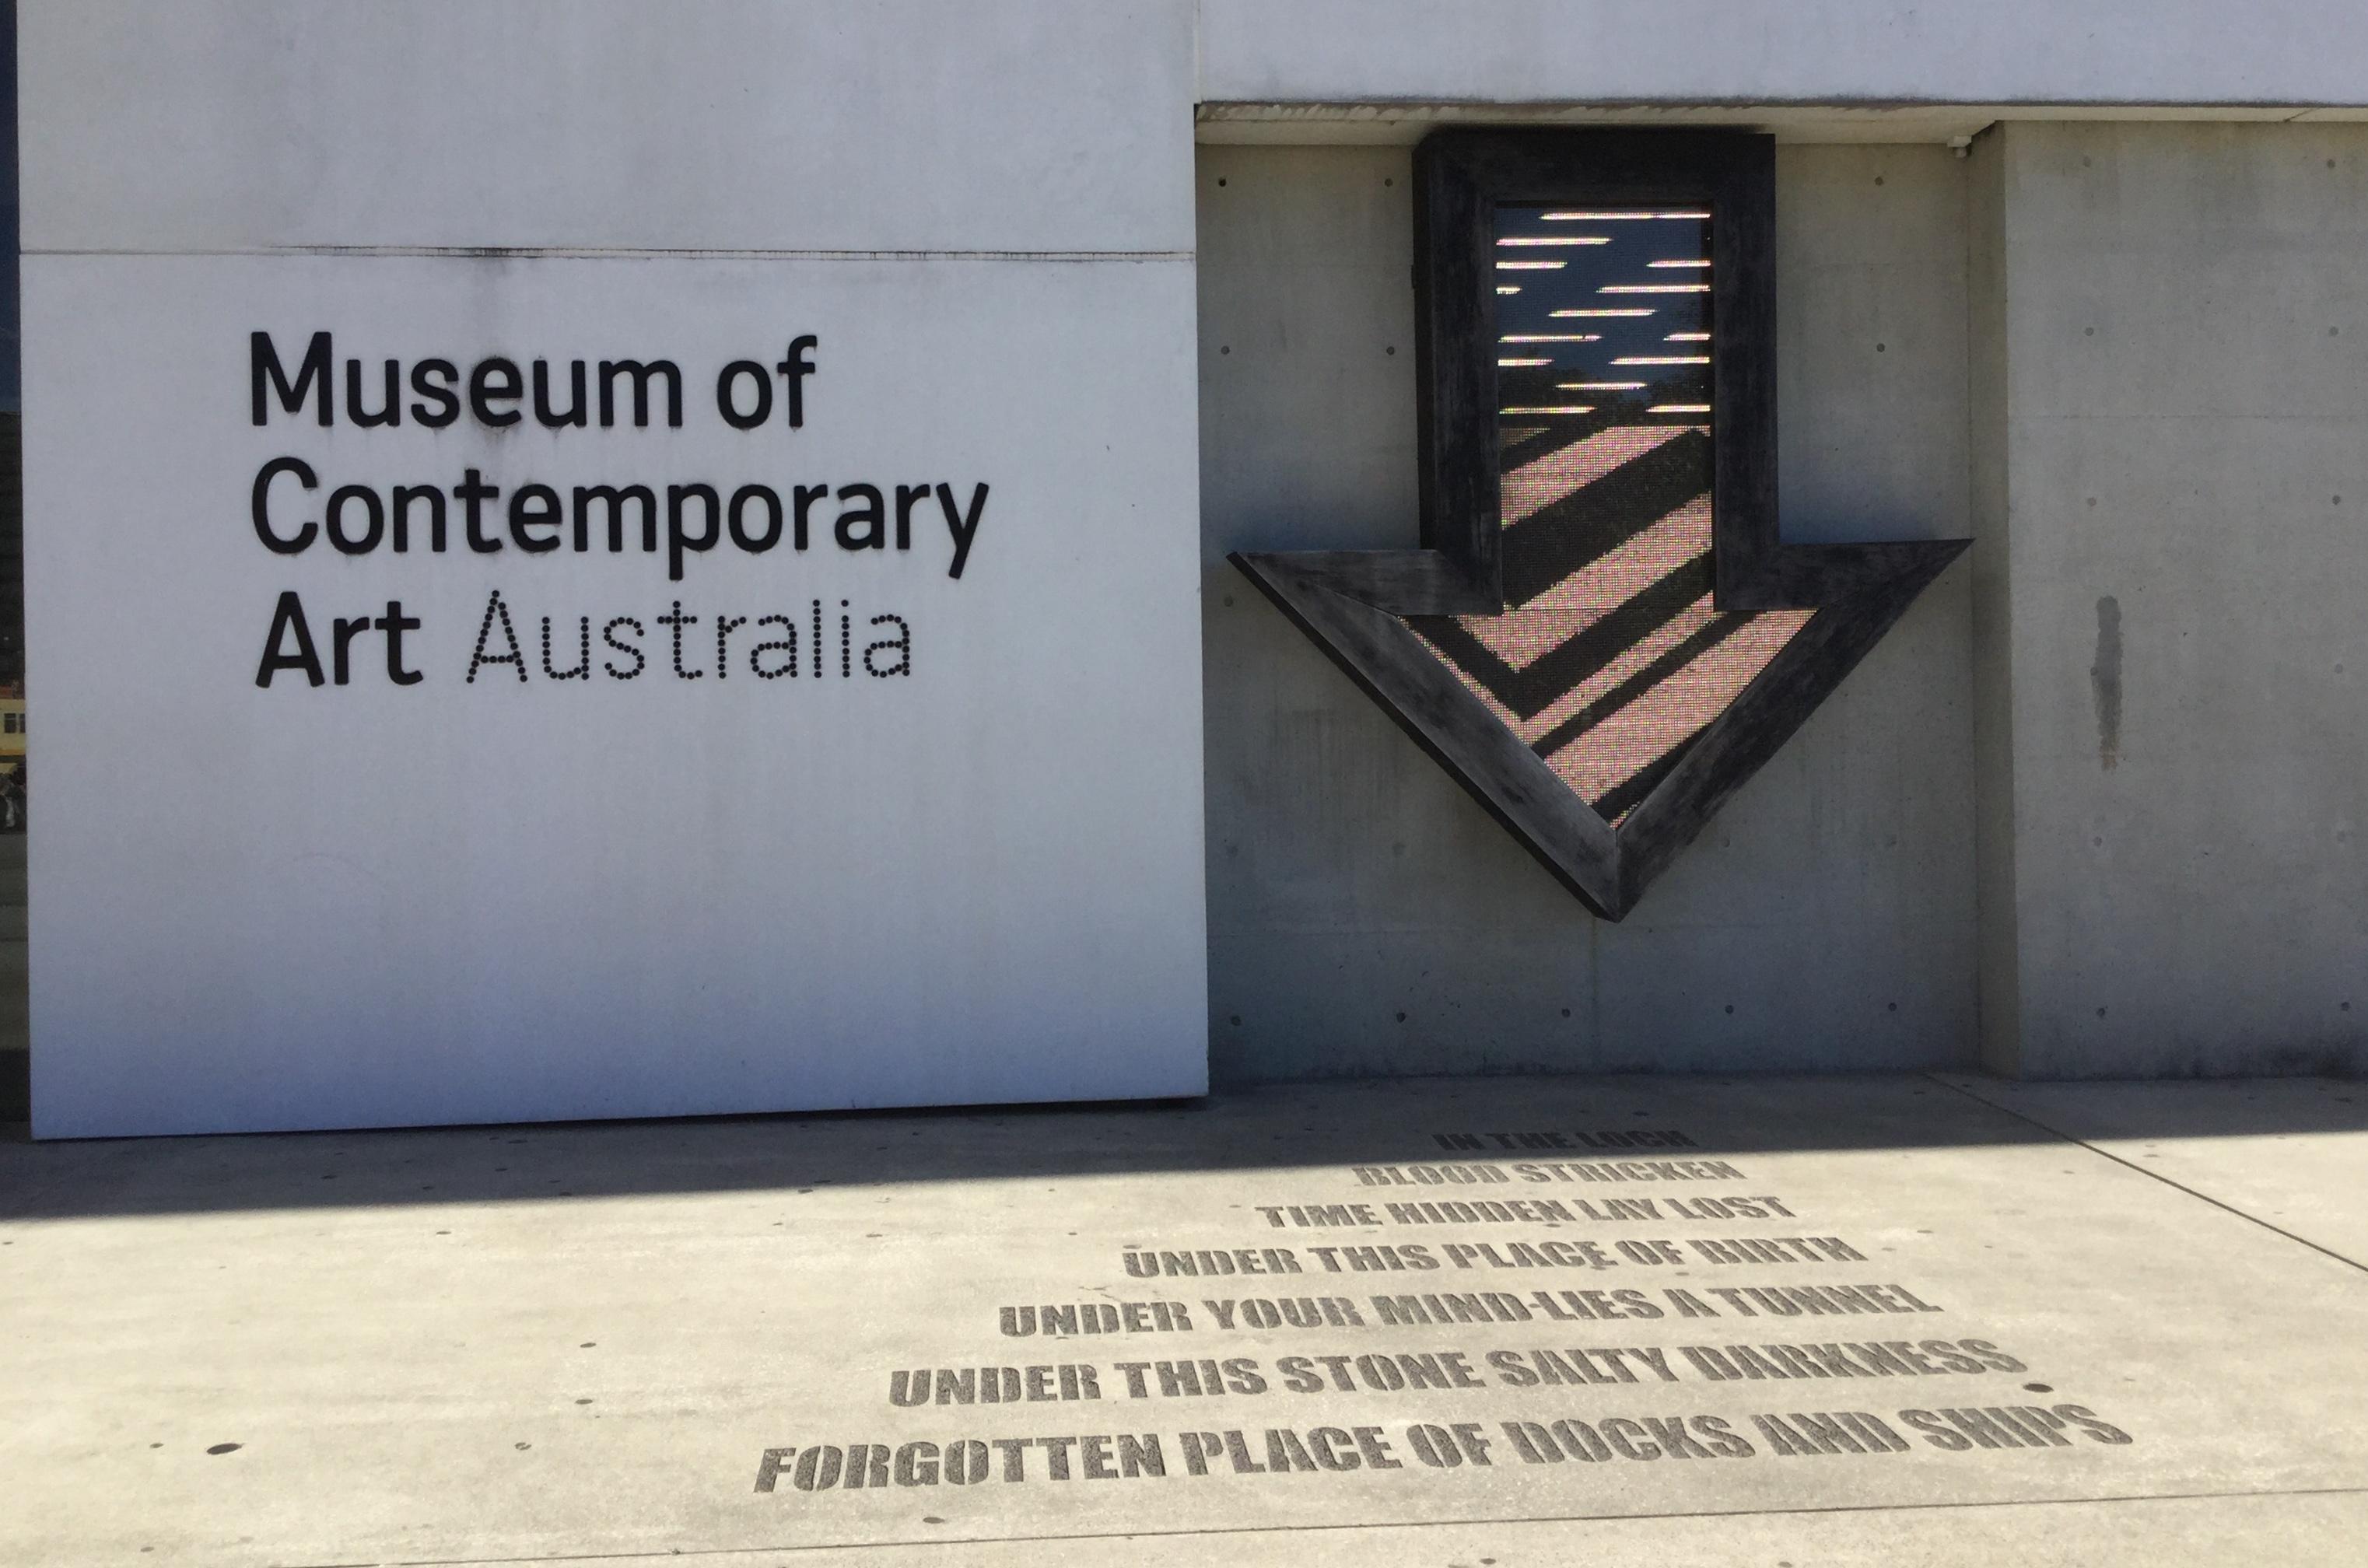 無料で入れるシドニーの美術館 (アートギャラリー)  は併設カフェやギフトショッピもおすすめ!